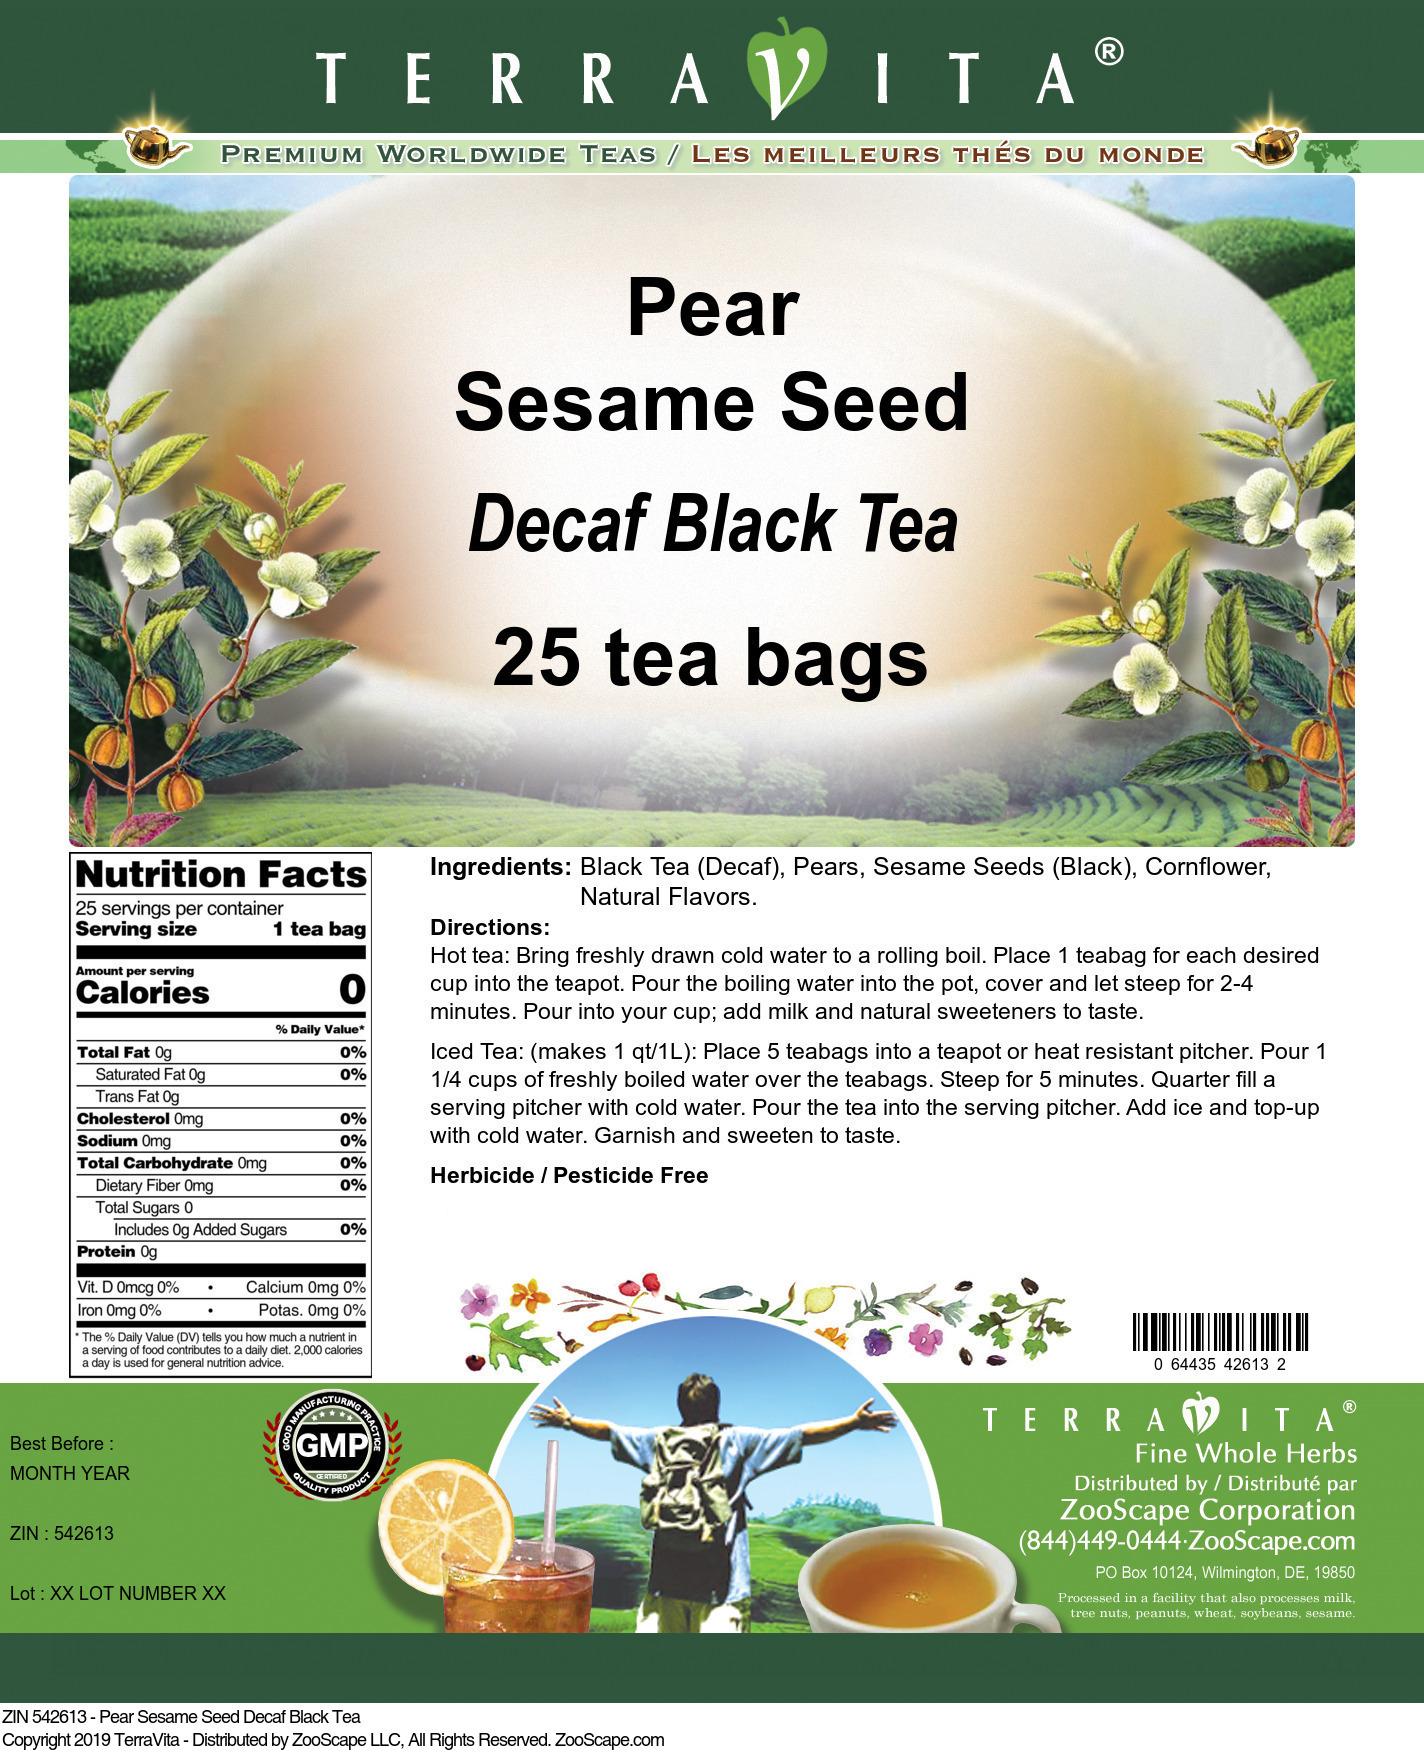 Pear Sesame Seed Decaf Black Tea